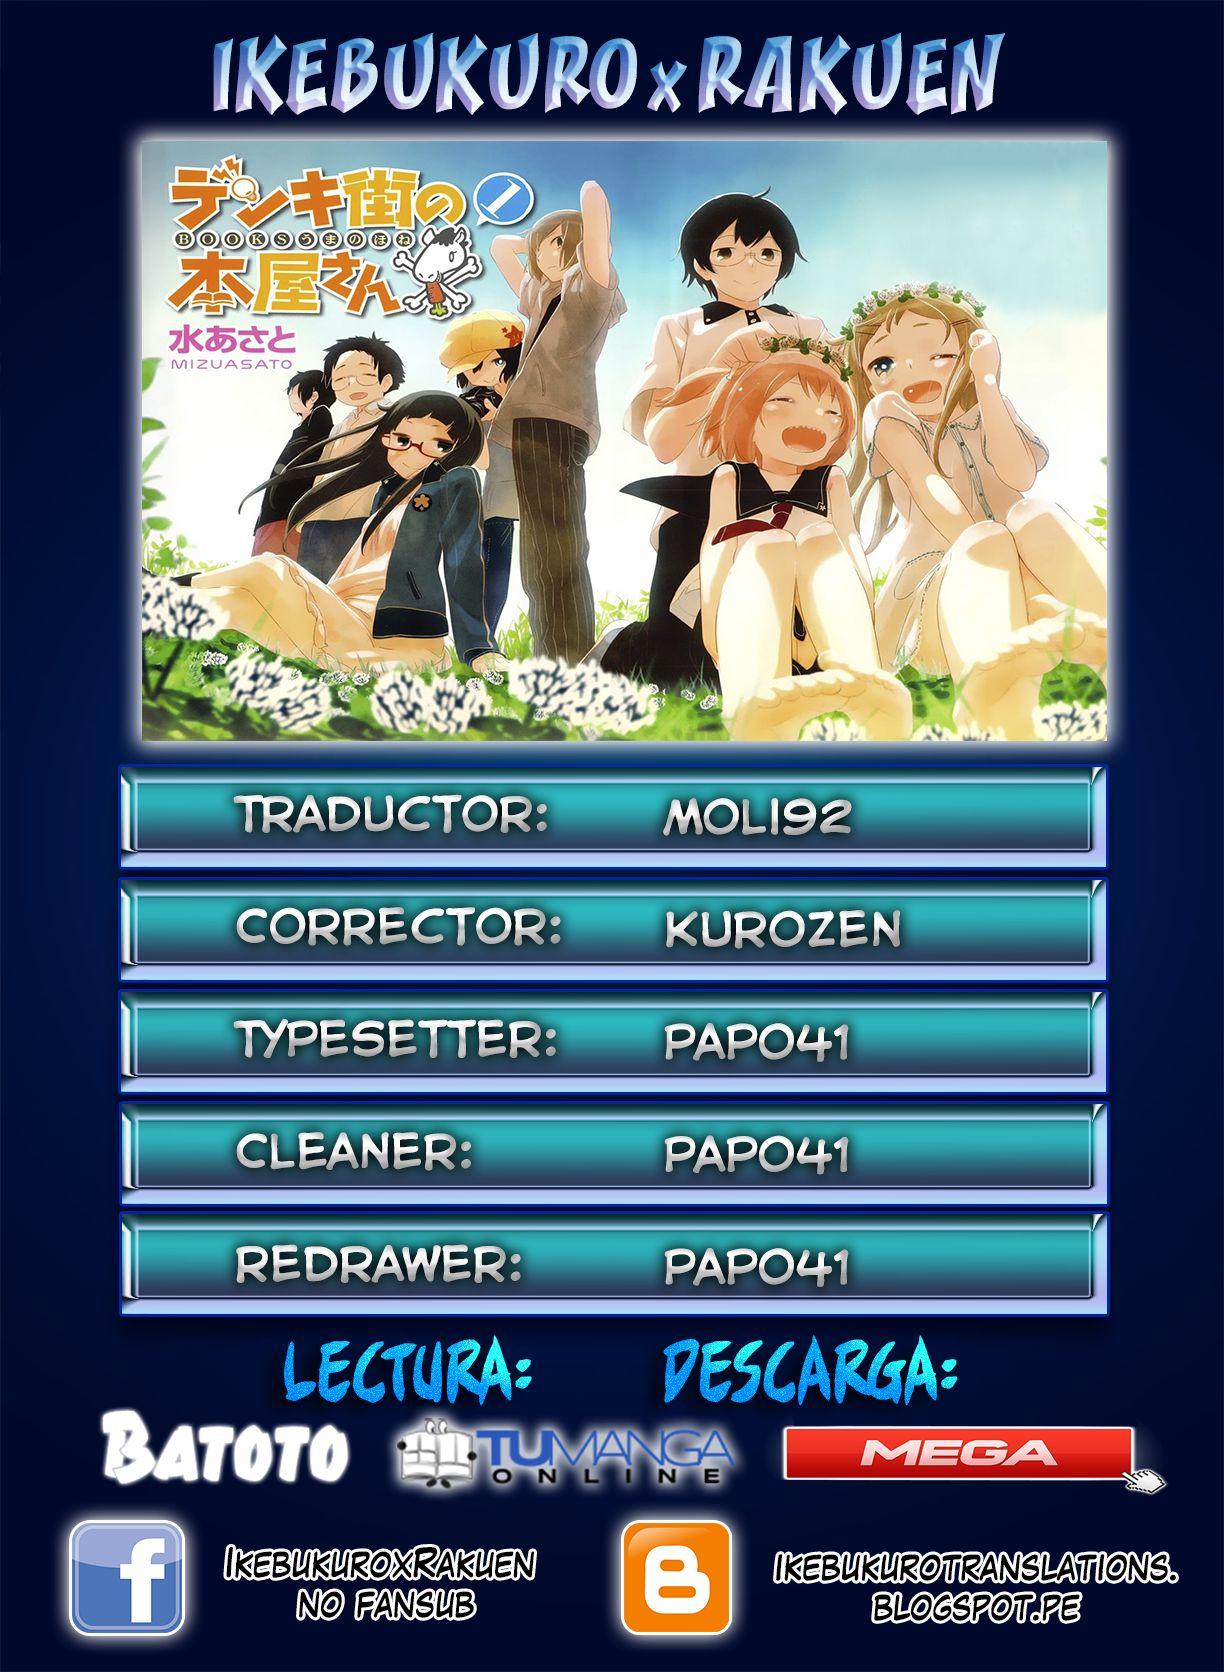 https://c5.ninemanga.com/es_manga/14/16334/439938/1a9f530e9d612238a20cff3f8369cb5e.jpg Page 1